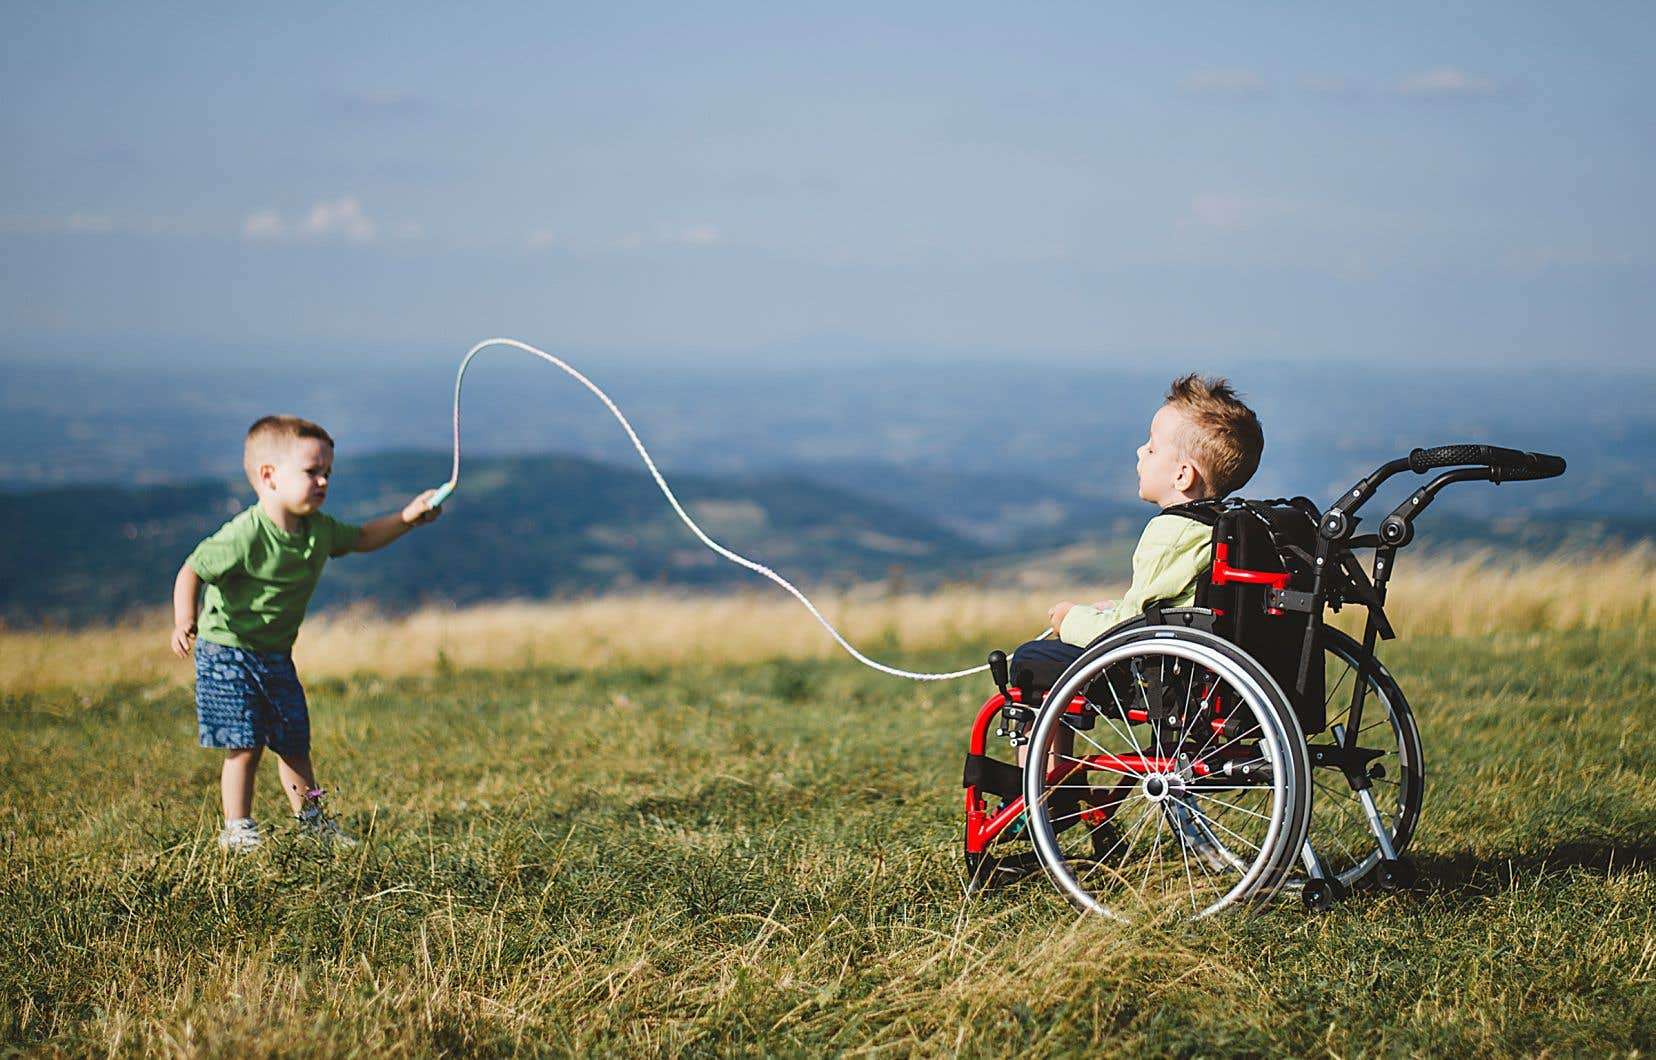 À partir des années 1970, la montée des mouvements de défense des droits des personnes handicapées mène progressivement à de meilleures pratiques sur le plan de l'inclusion.